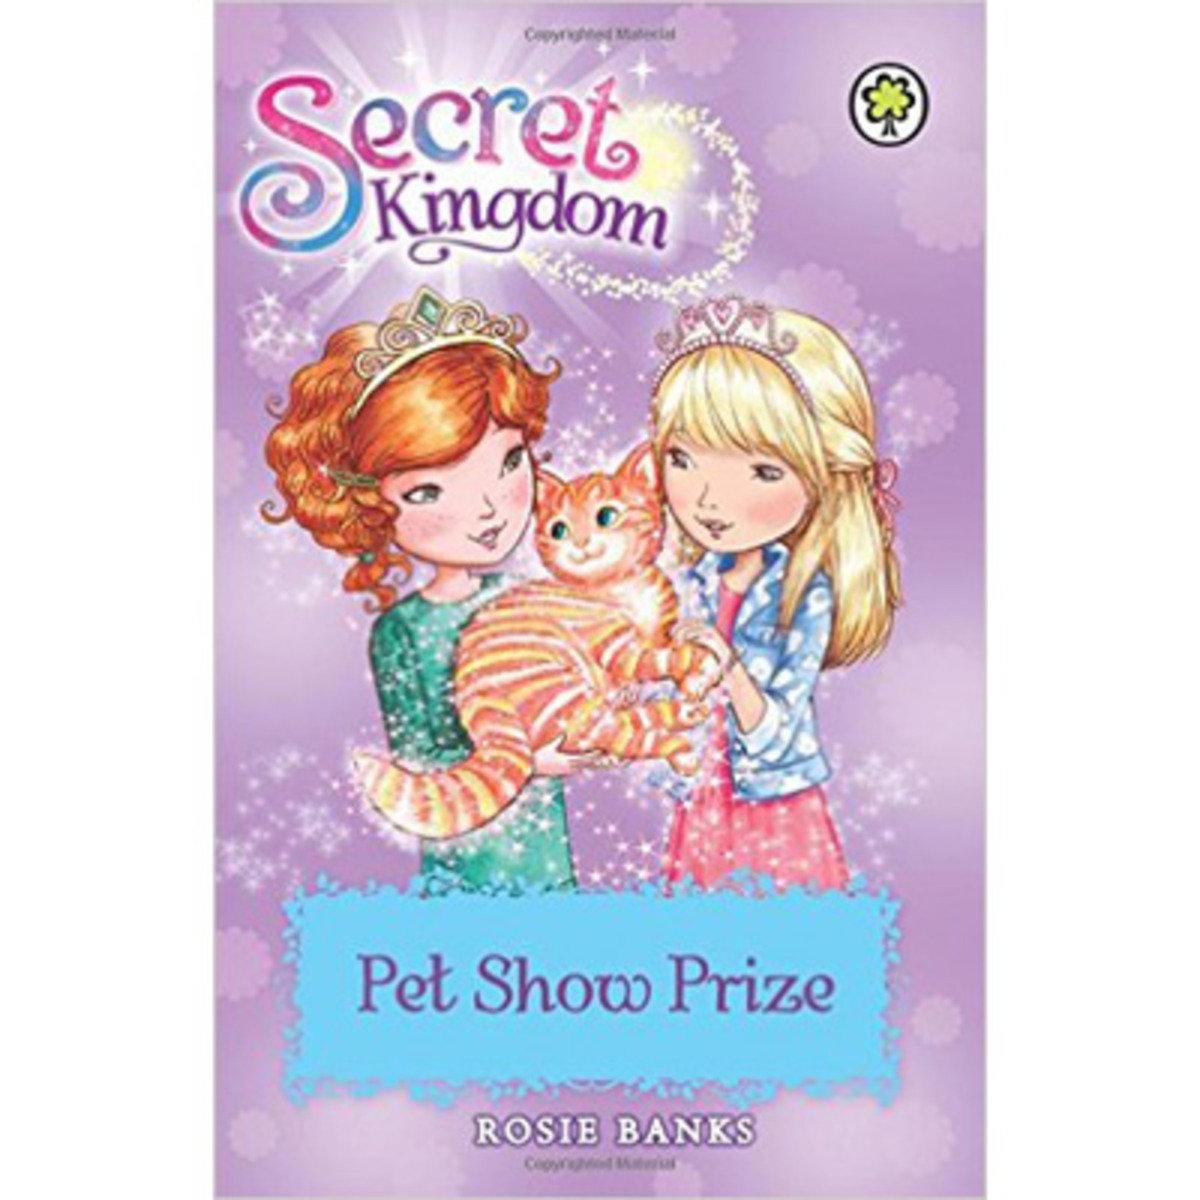 SECRET KINGDOM #29 PET SHOW PRIZE 9781408332894